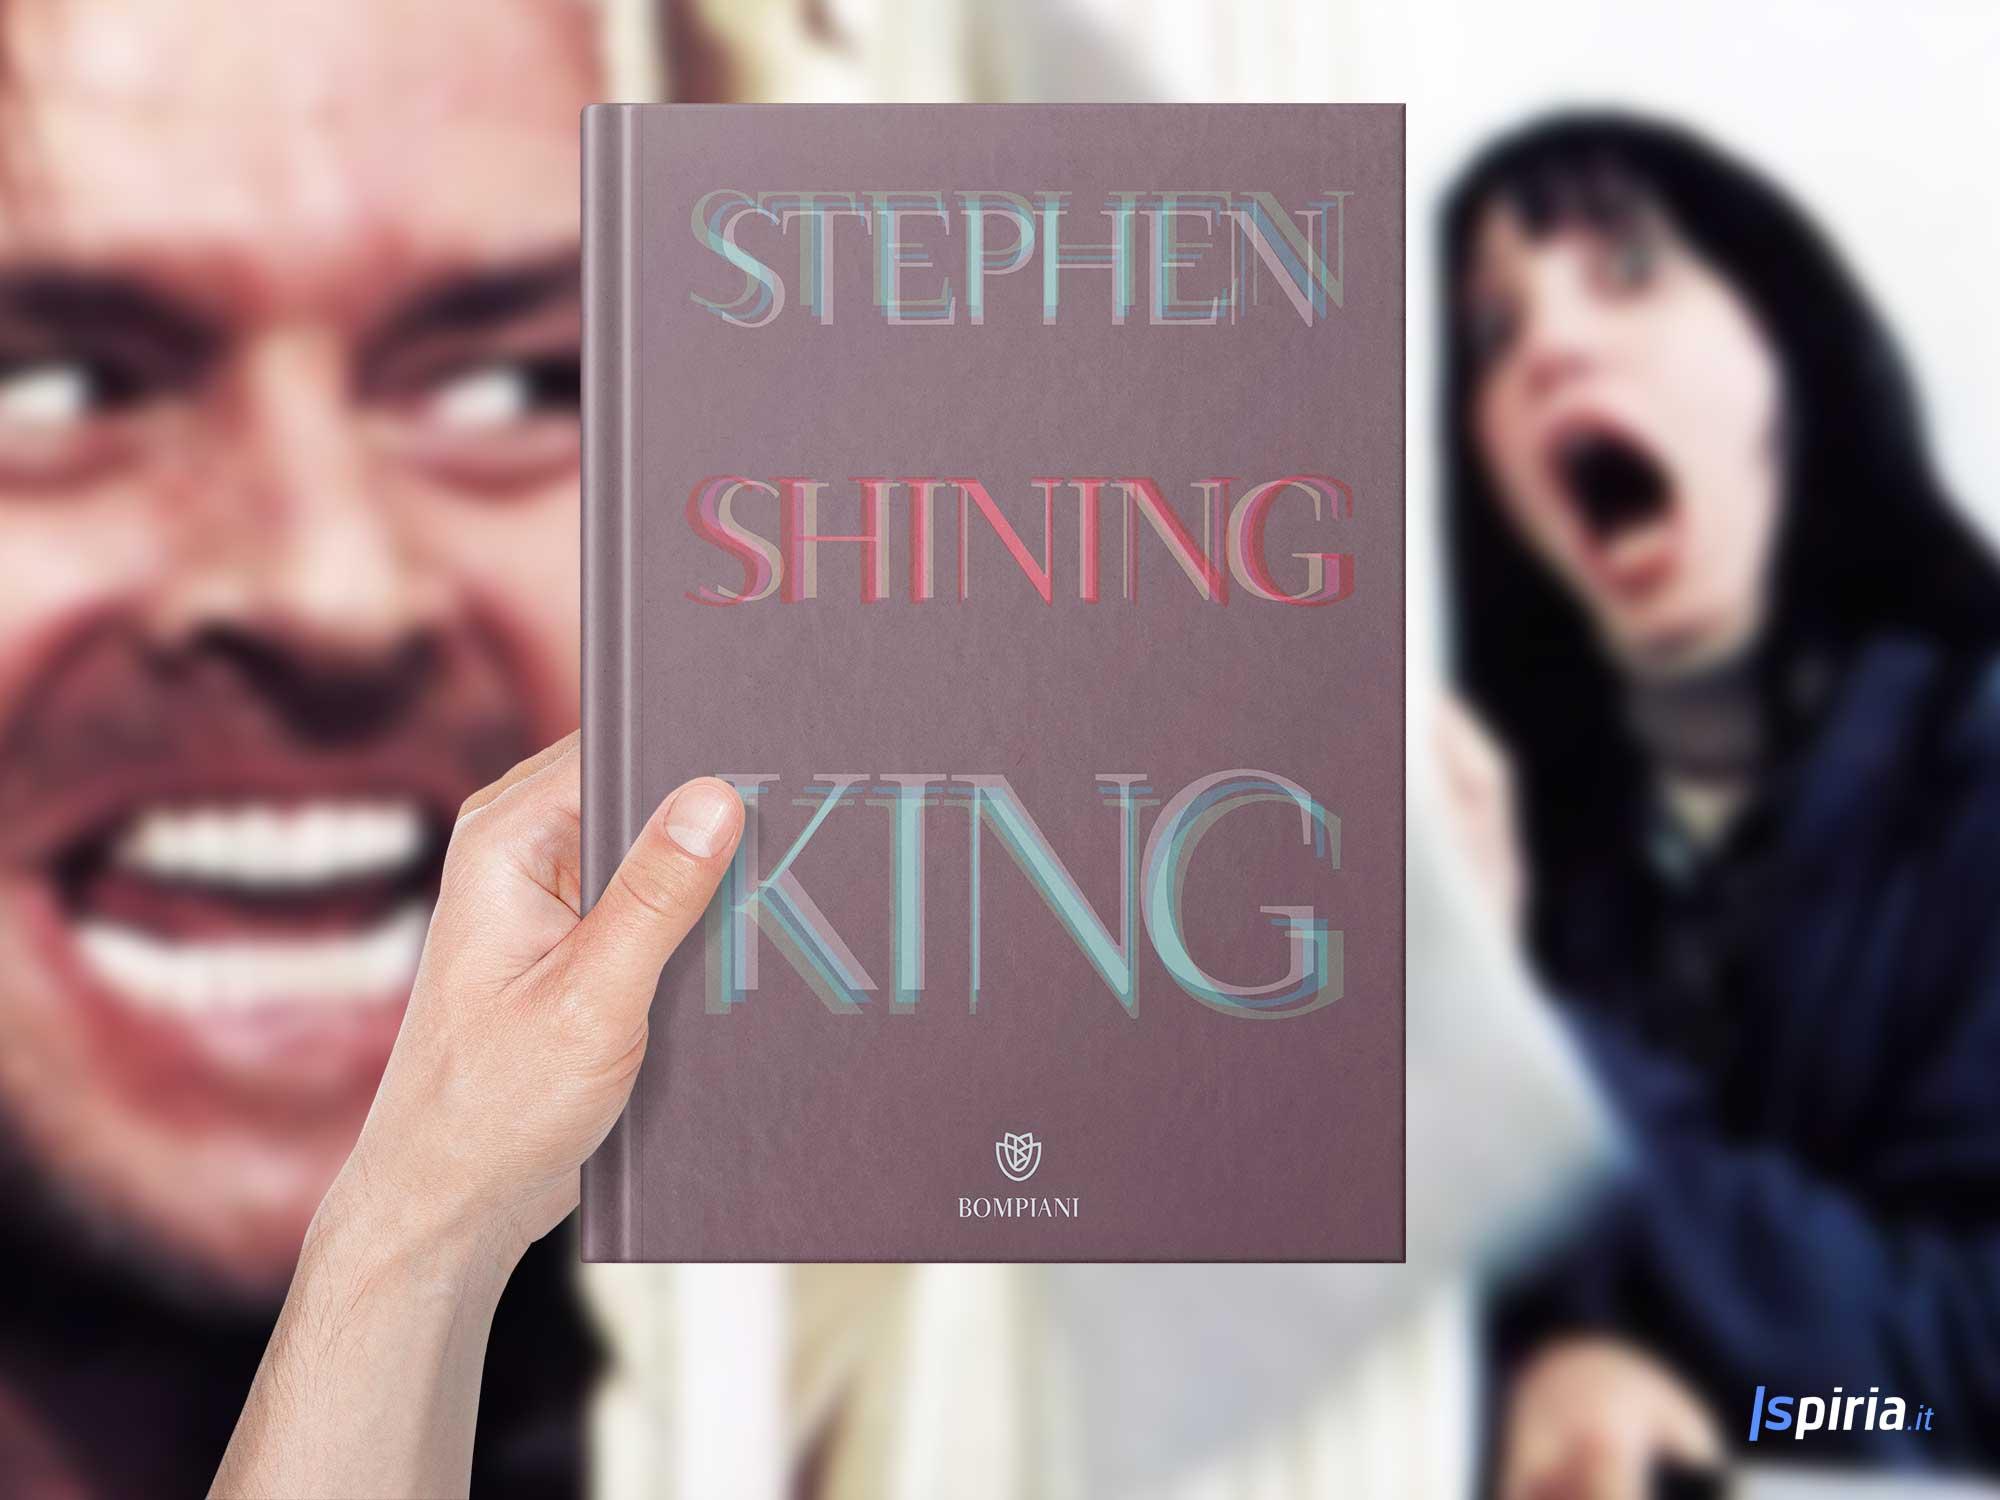 miglior-libro-di-stephen-King-shining